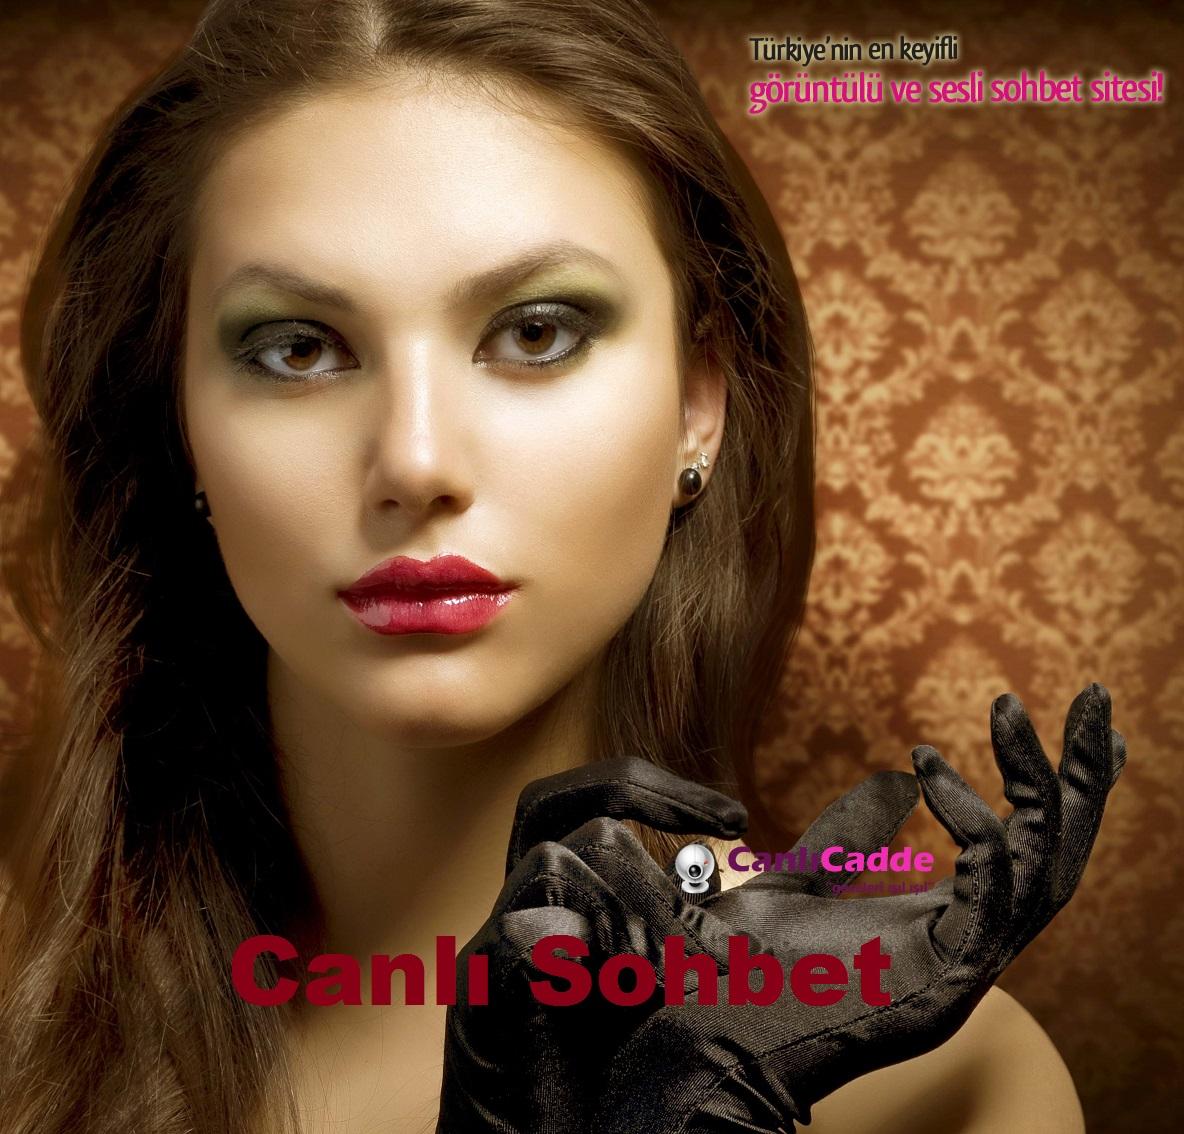 Görüntülü chat türkiye CooMeet Görüntülü